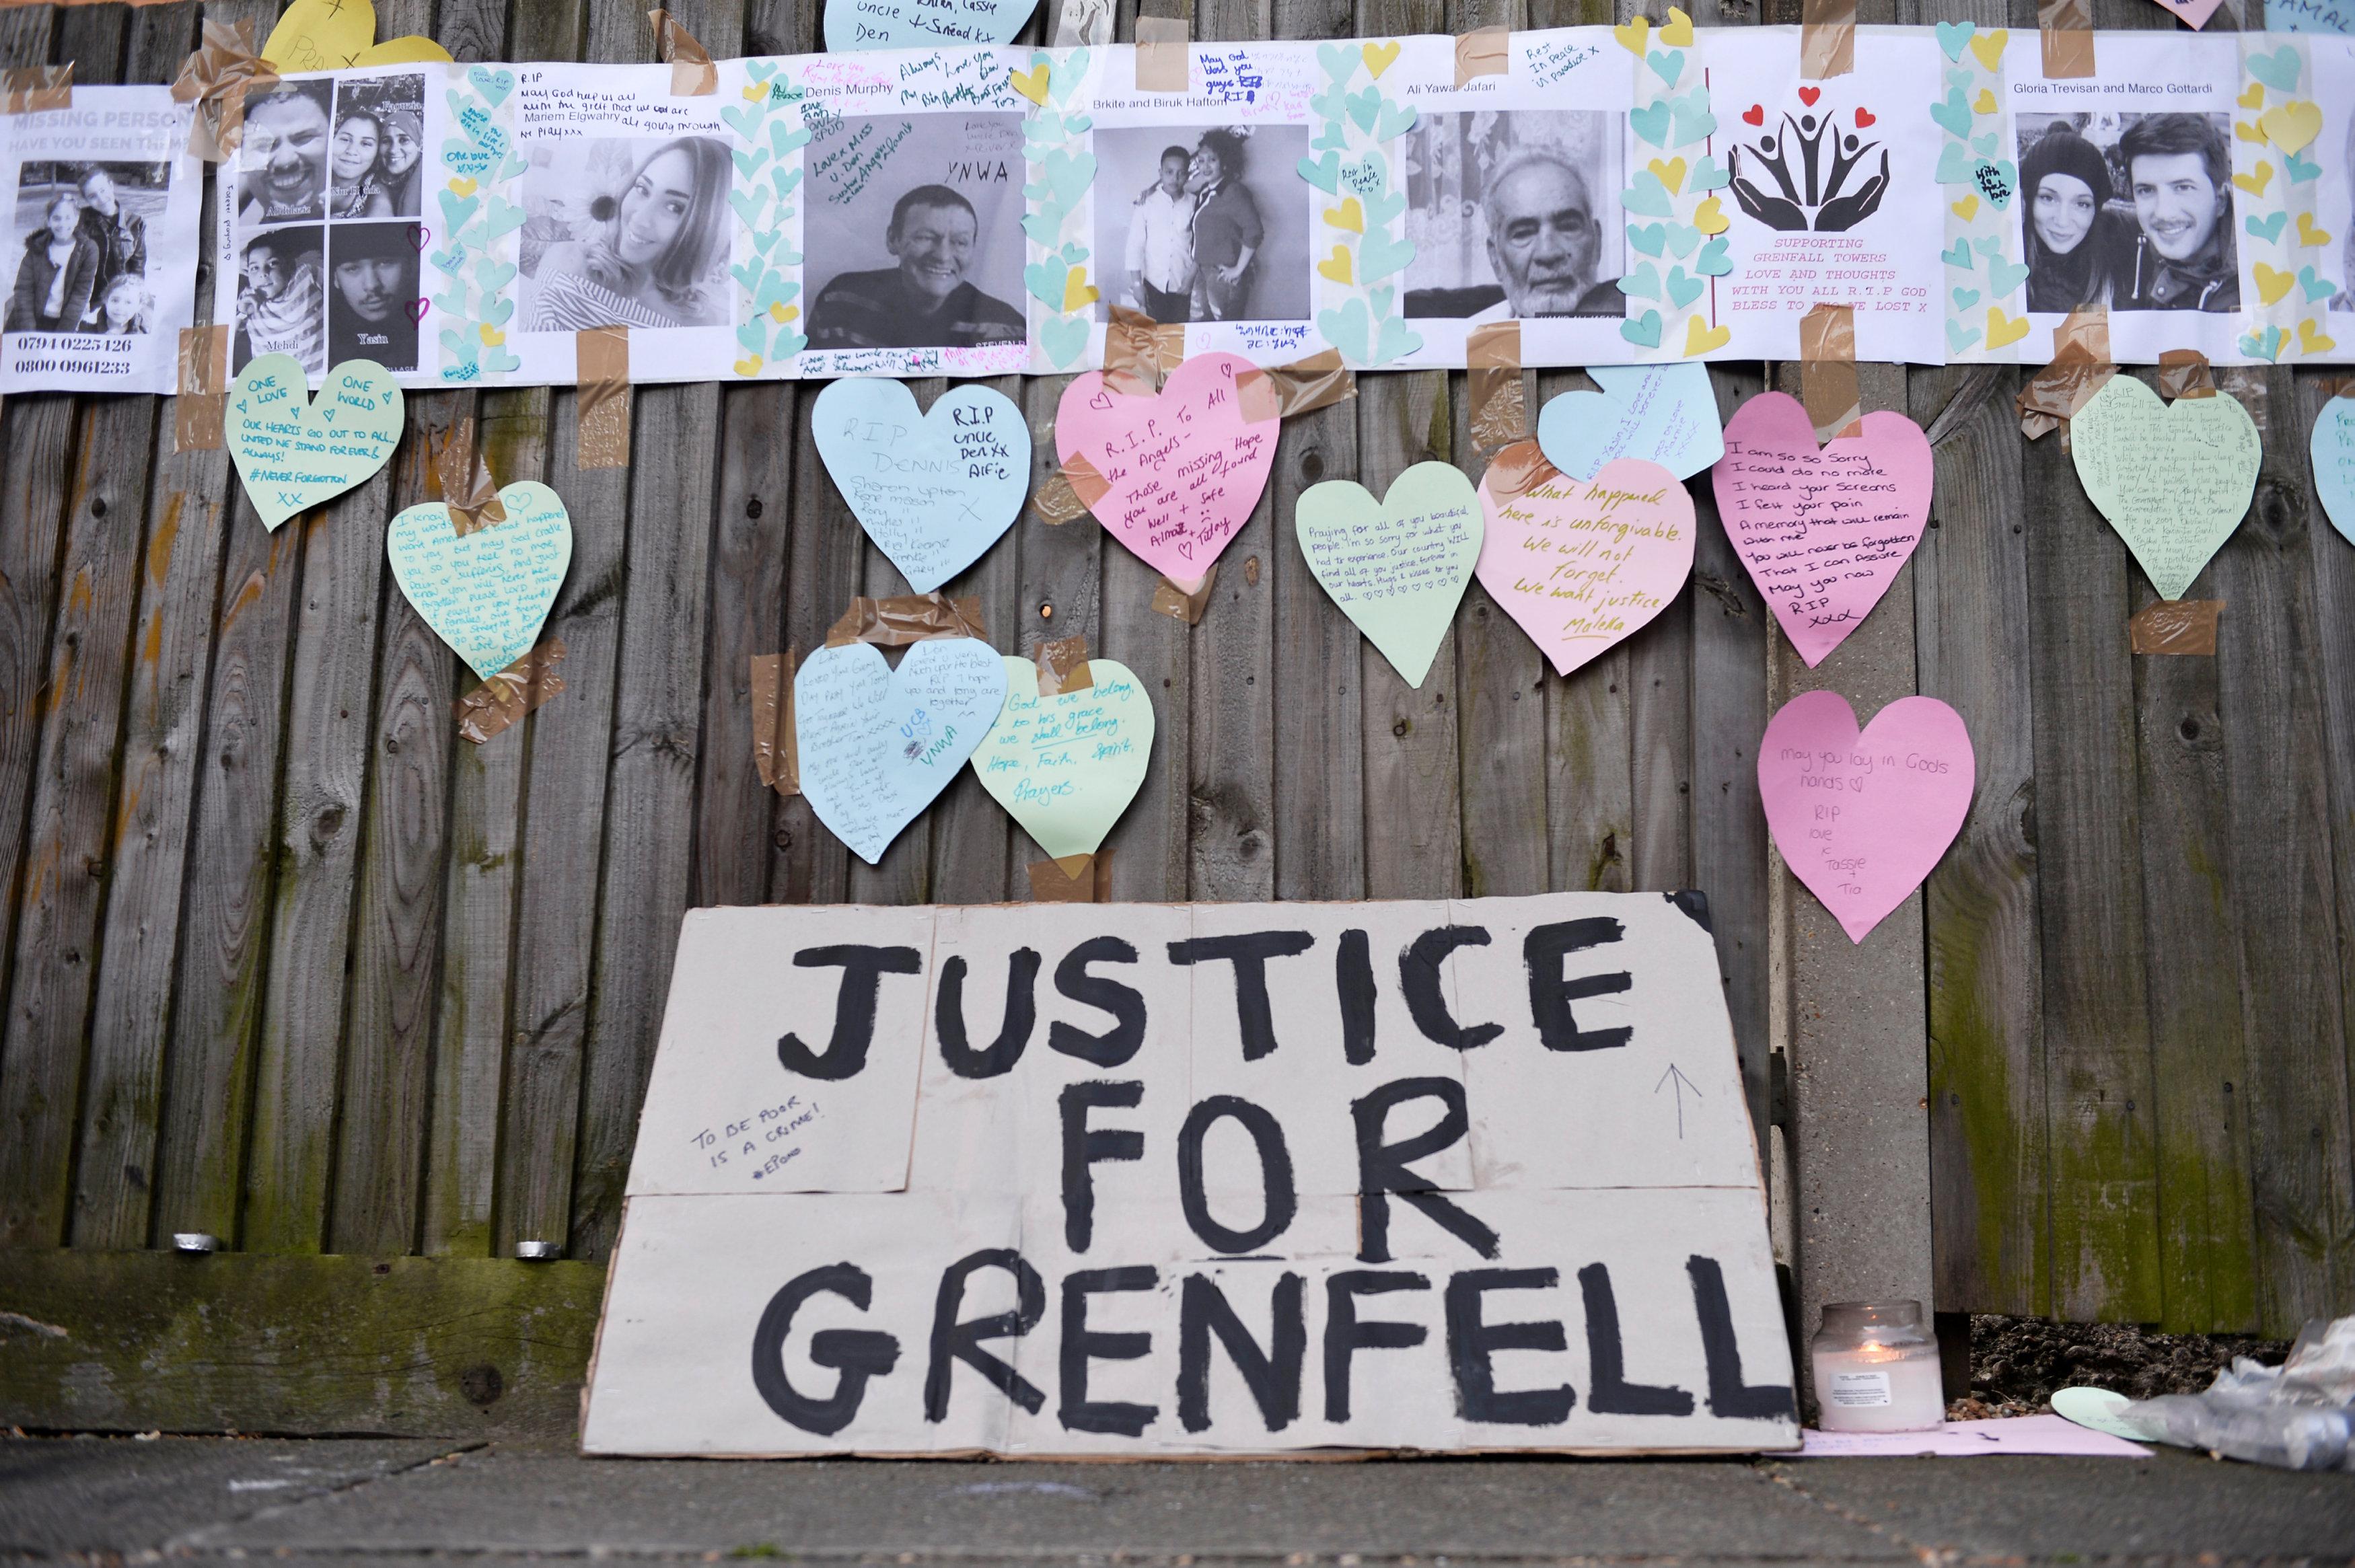 لافتات وصور تأبين ضحايا البرج السكنى المحترق